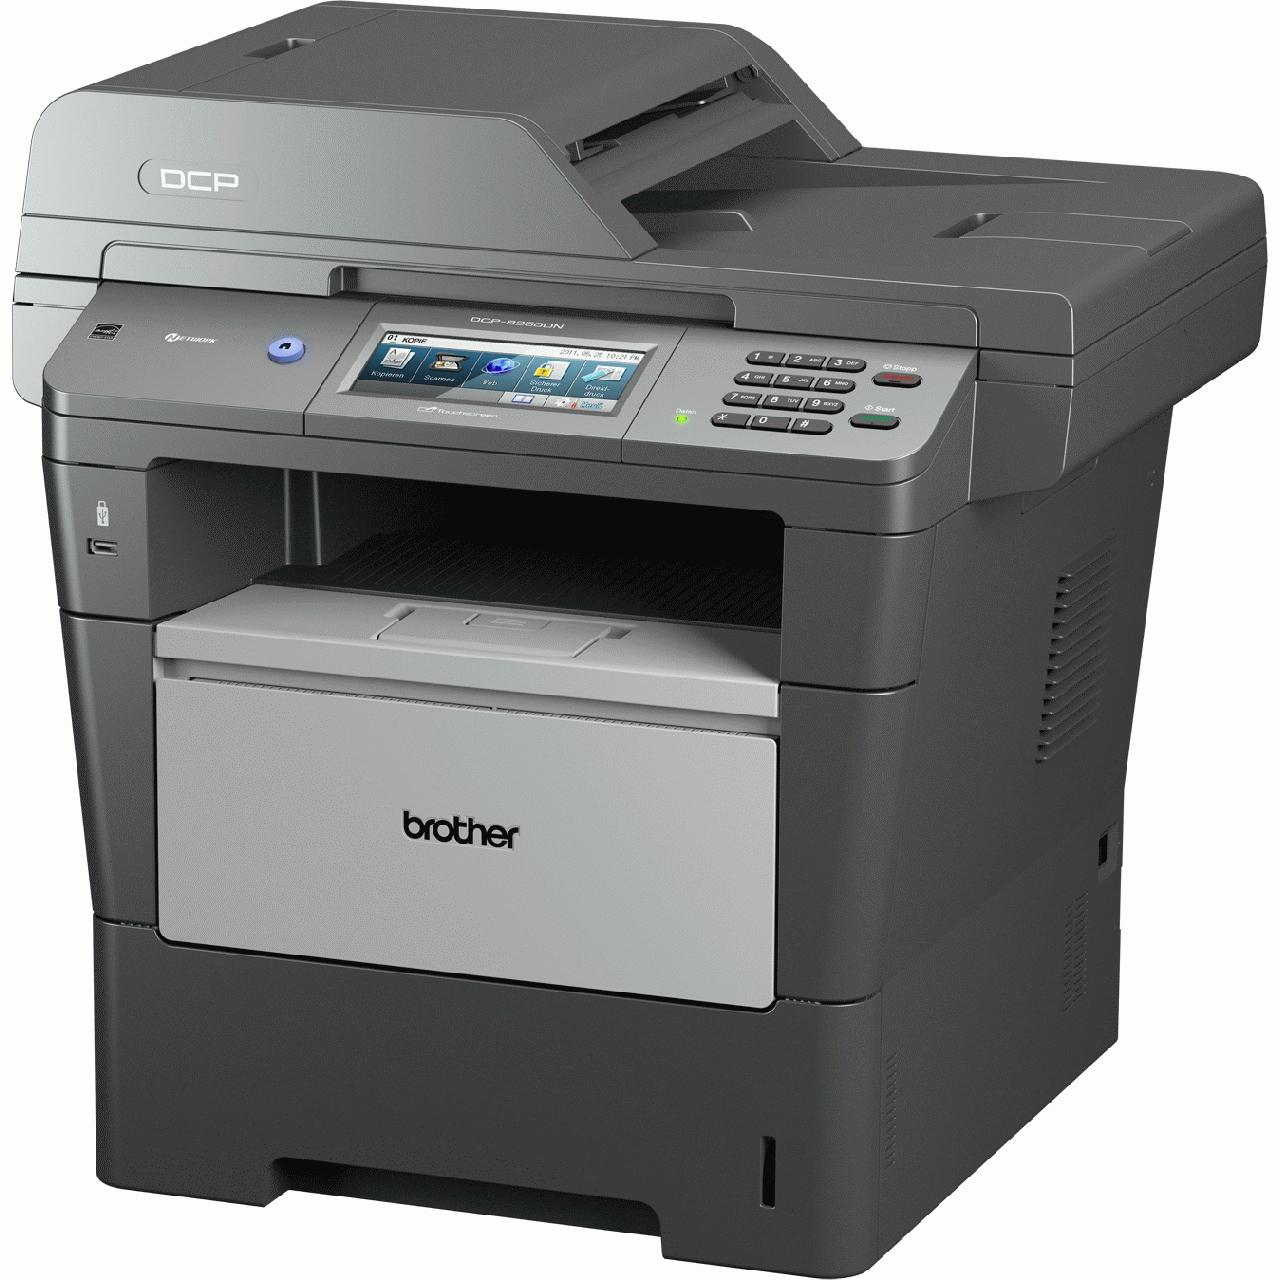 Заправка картриджа Brother  TN-3380 для DCP-8250DN / HL-5440D / HL-5450DNT / HL-5450DN / HL-6180/ DCP-8110